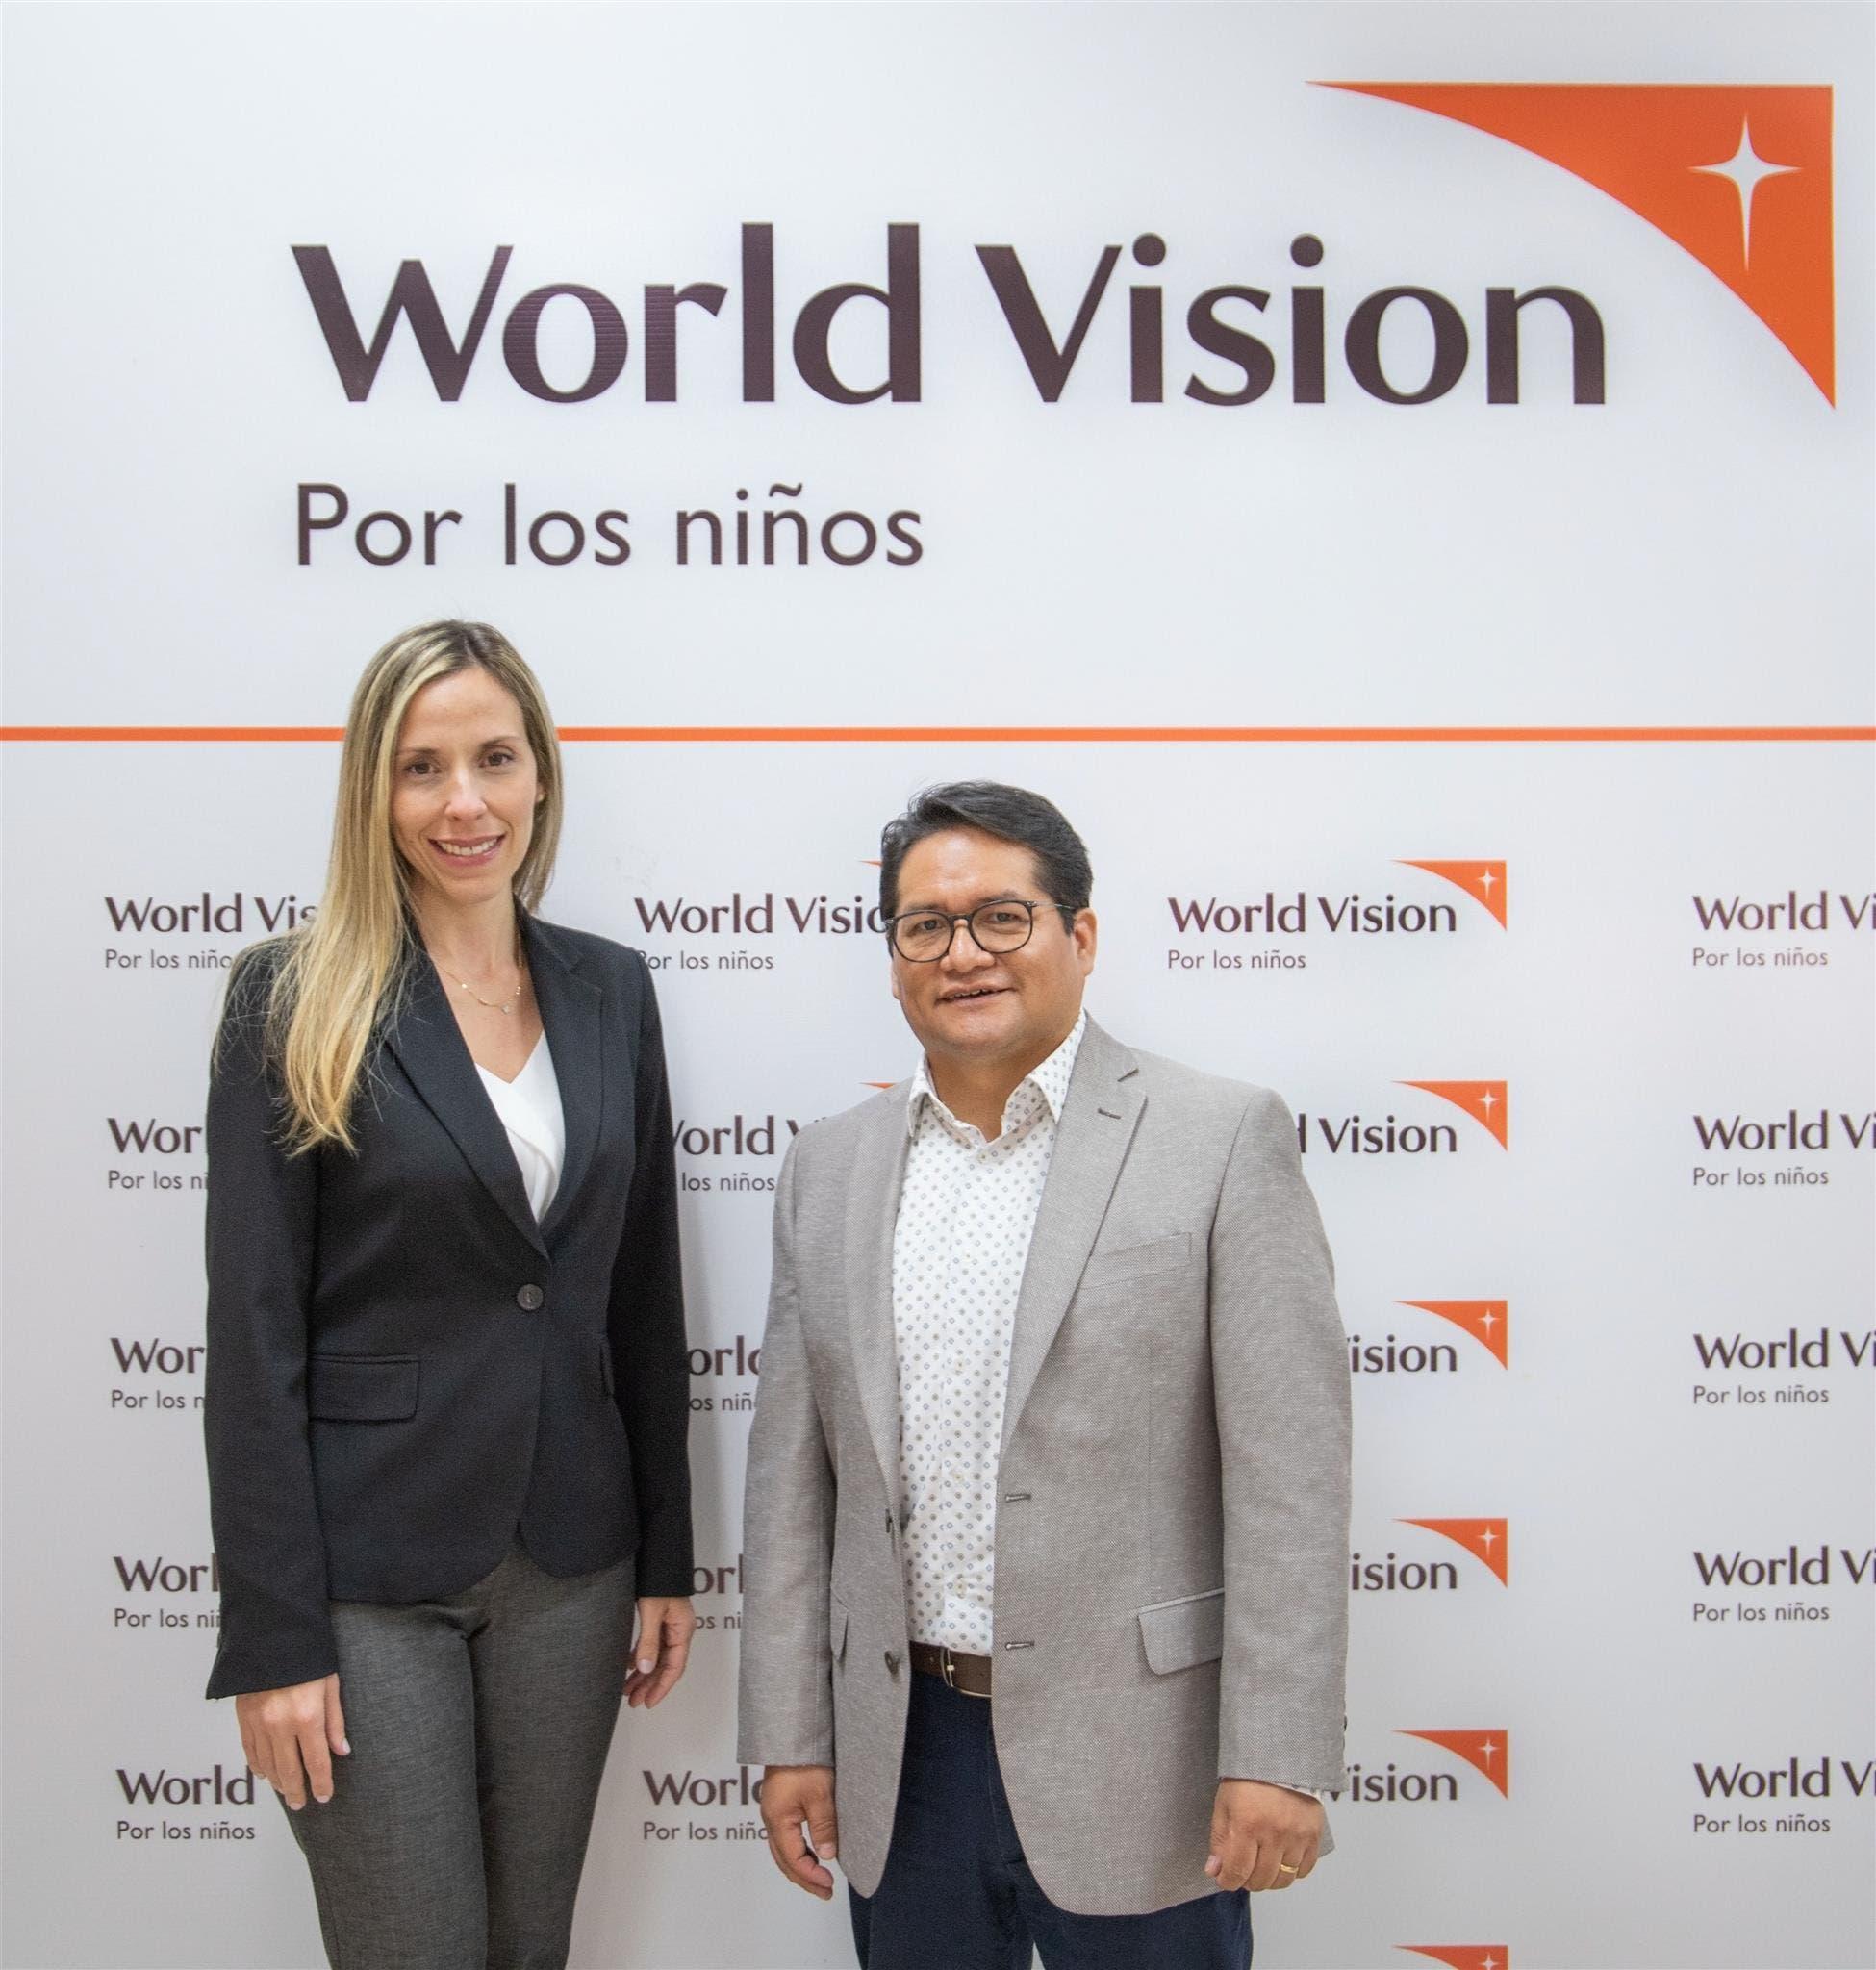 World Visión convoca al premio Periodismo por los niños